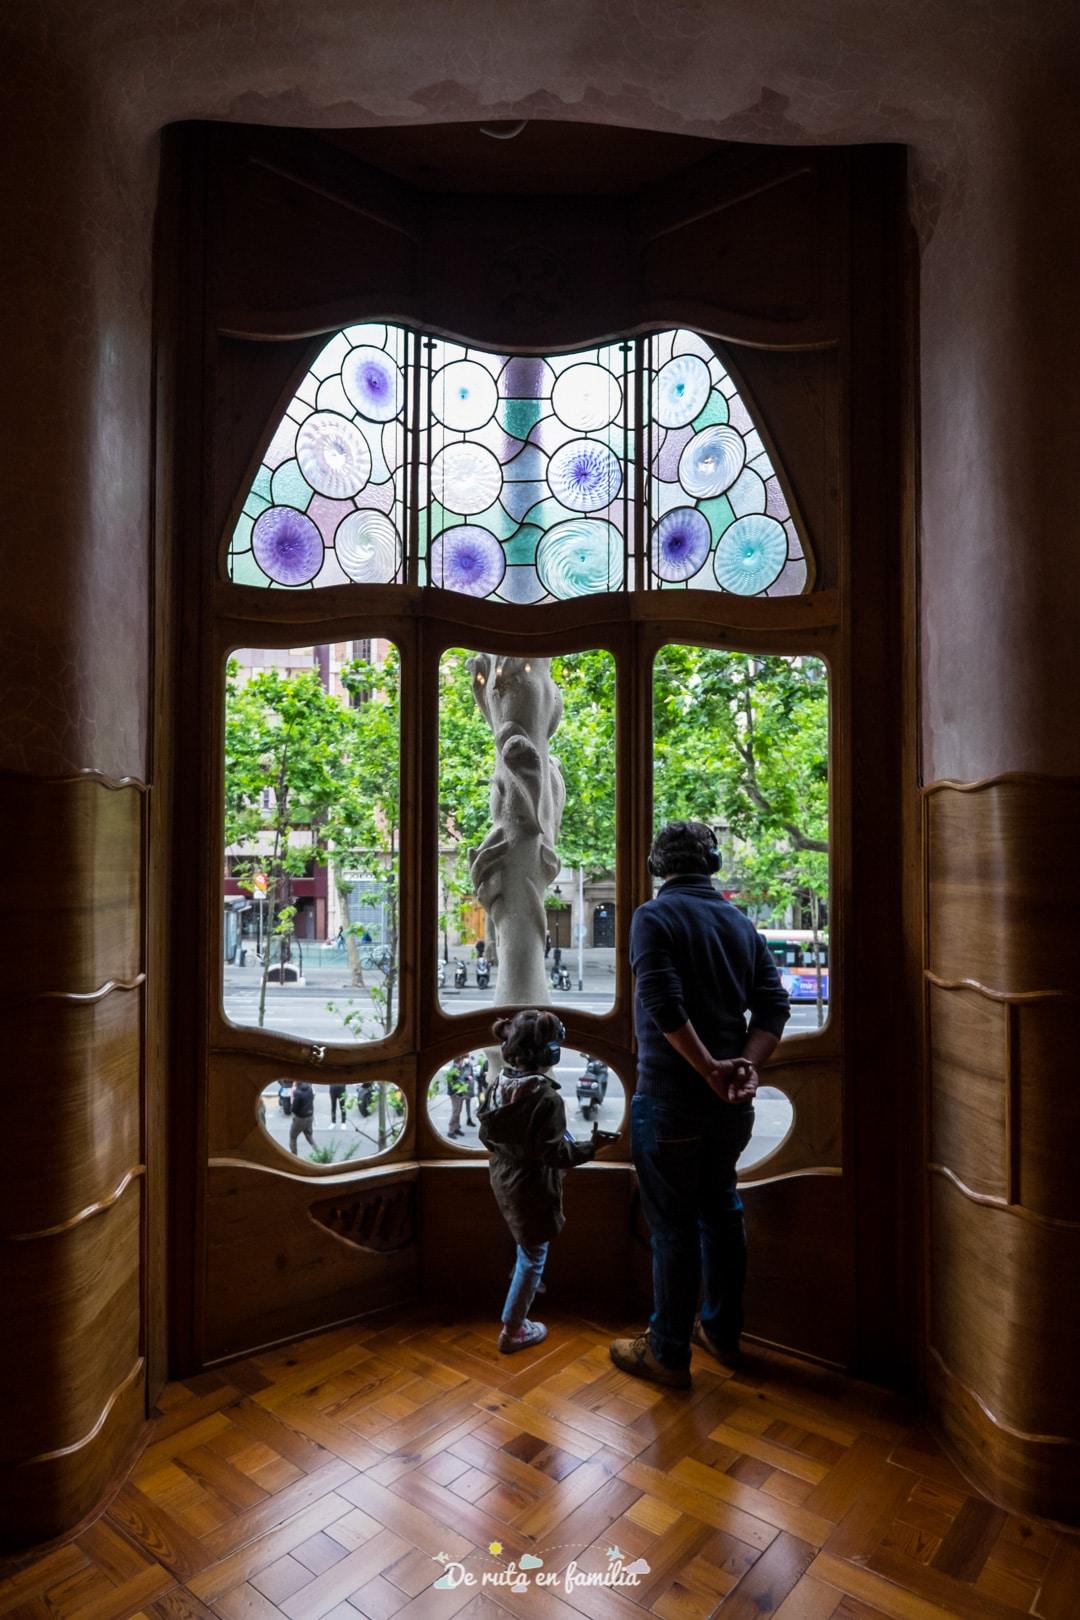 visita Casa Batlló amb nens